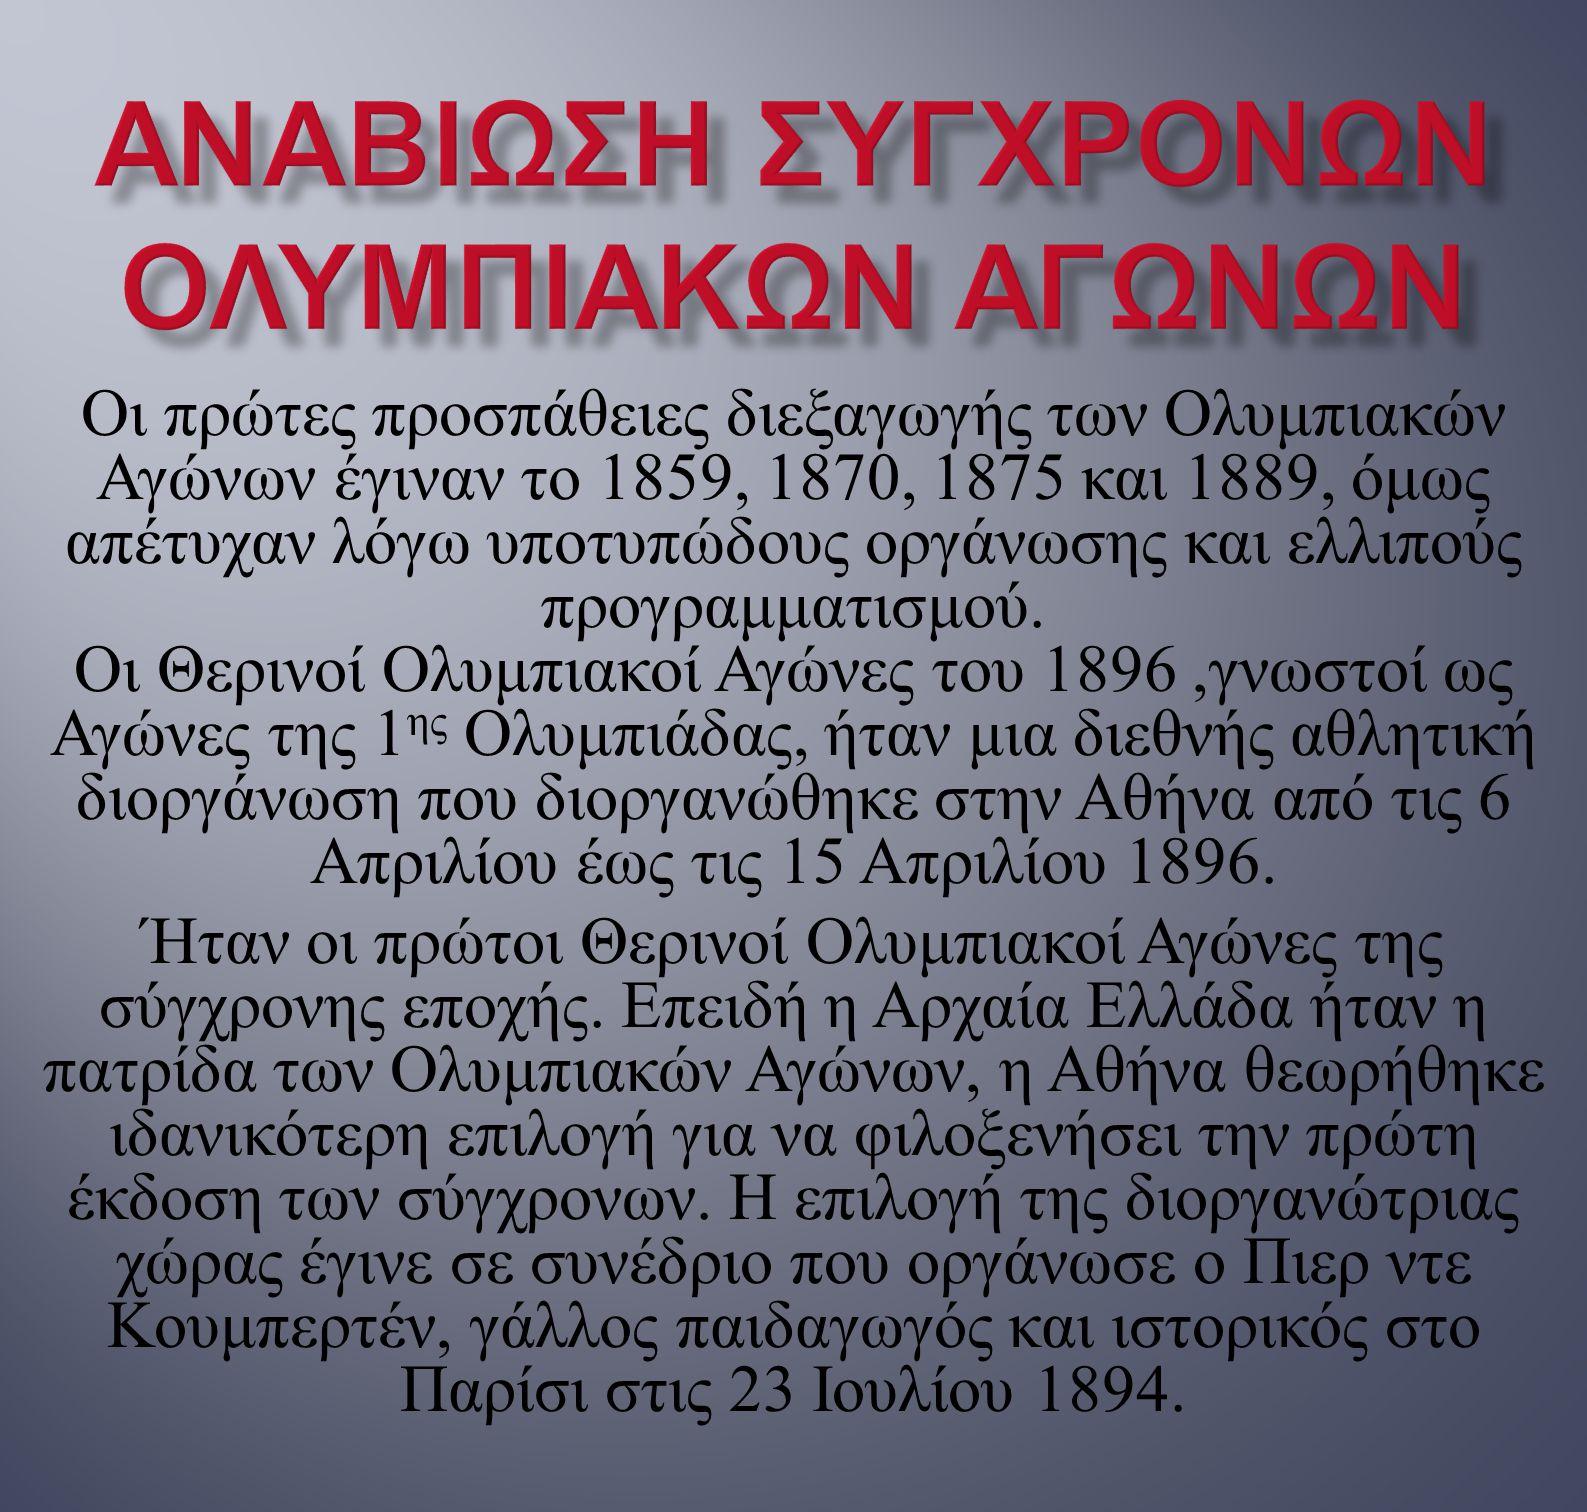 Οι πρώτες προσπάθειες διεξαγωγής των Ολυμπιακών Αγώνων έγιναν το 1859, 1870, 1875 και 1889, όμως απέτυχαν λόγω υποτυπώδους οργάνωσης και ελλιπούς προγ